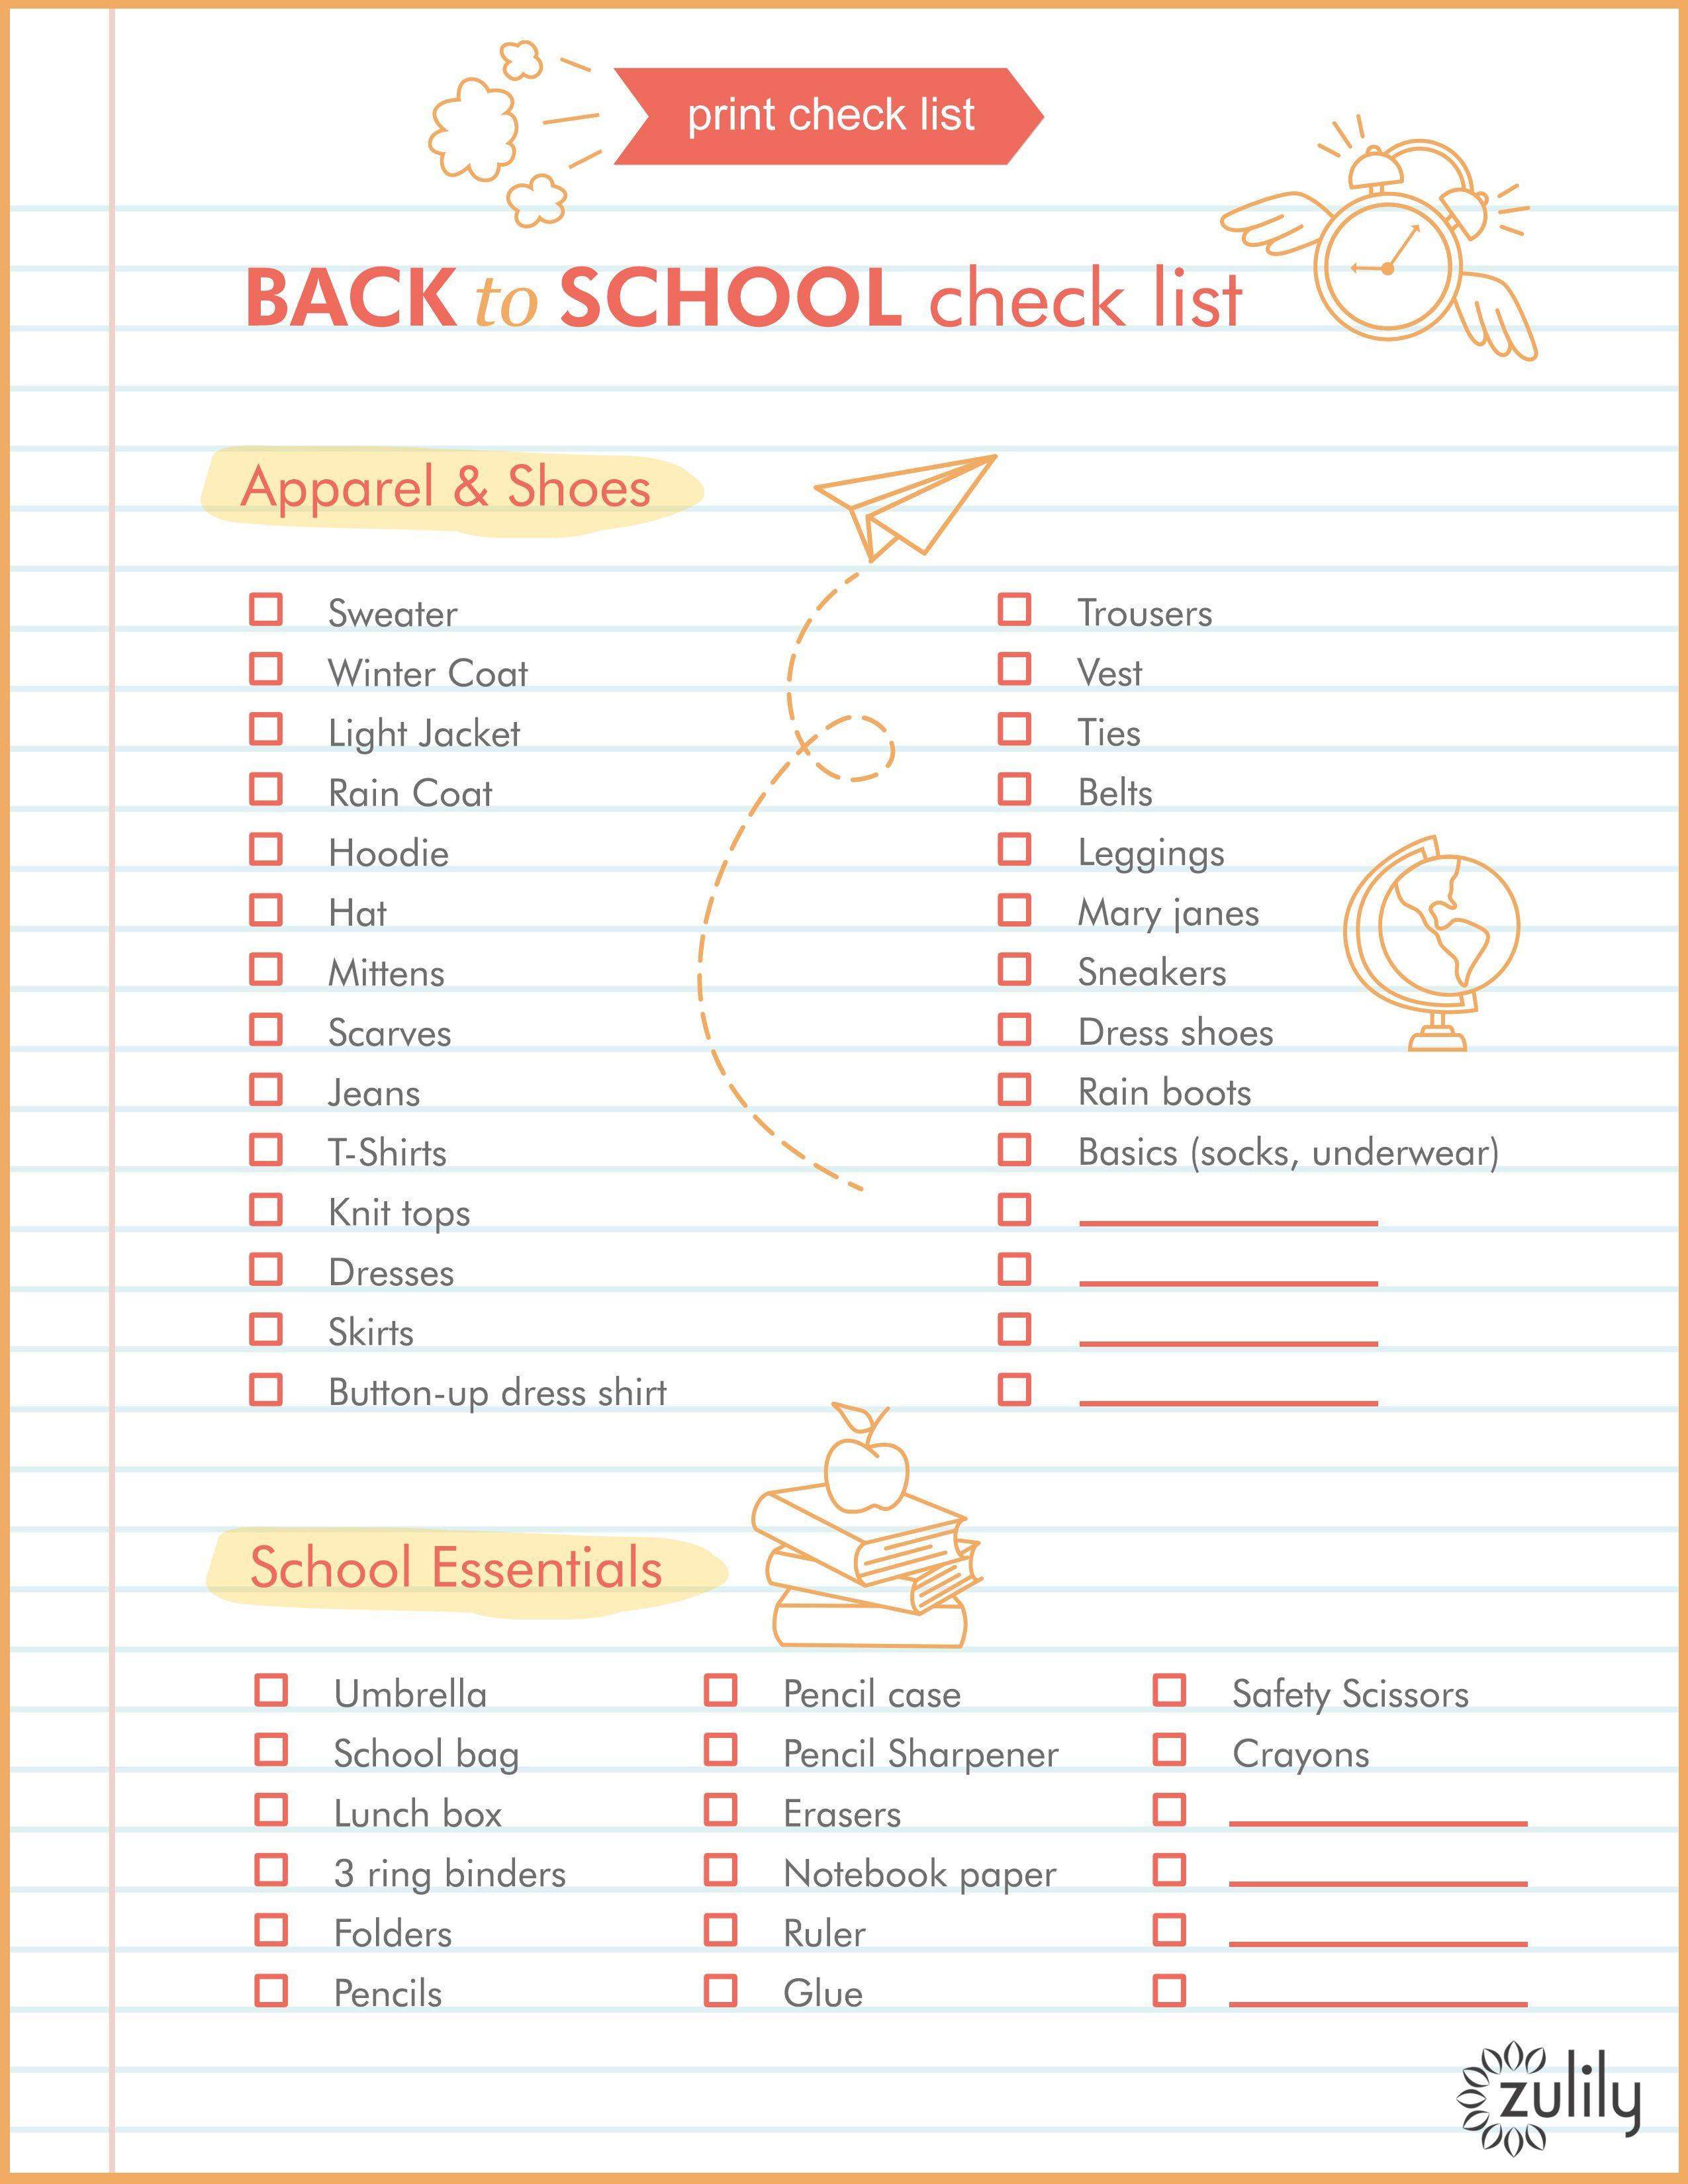 Printable Back to School Checklist | School checklist, School and ...